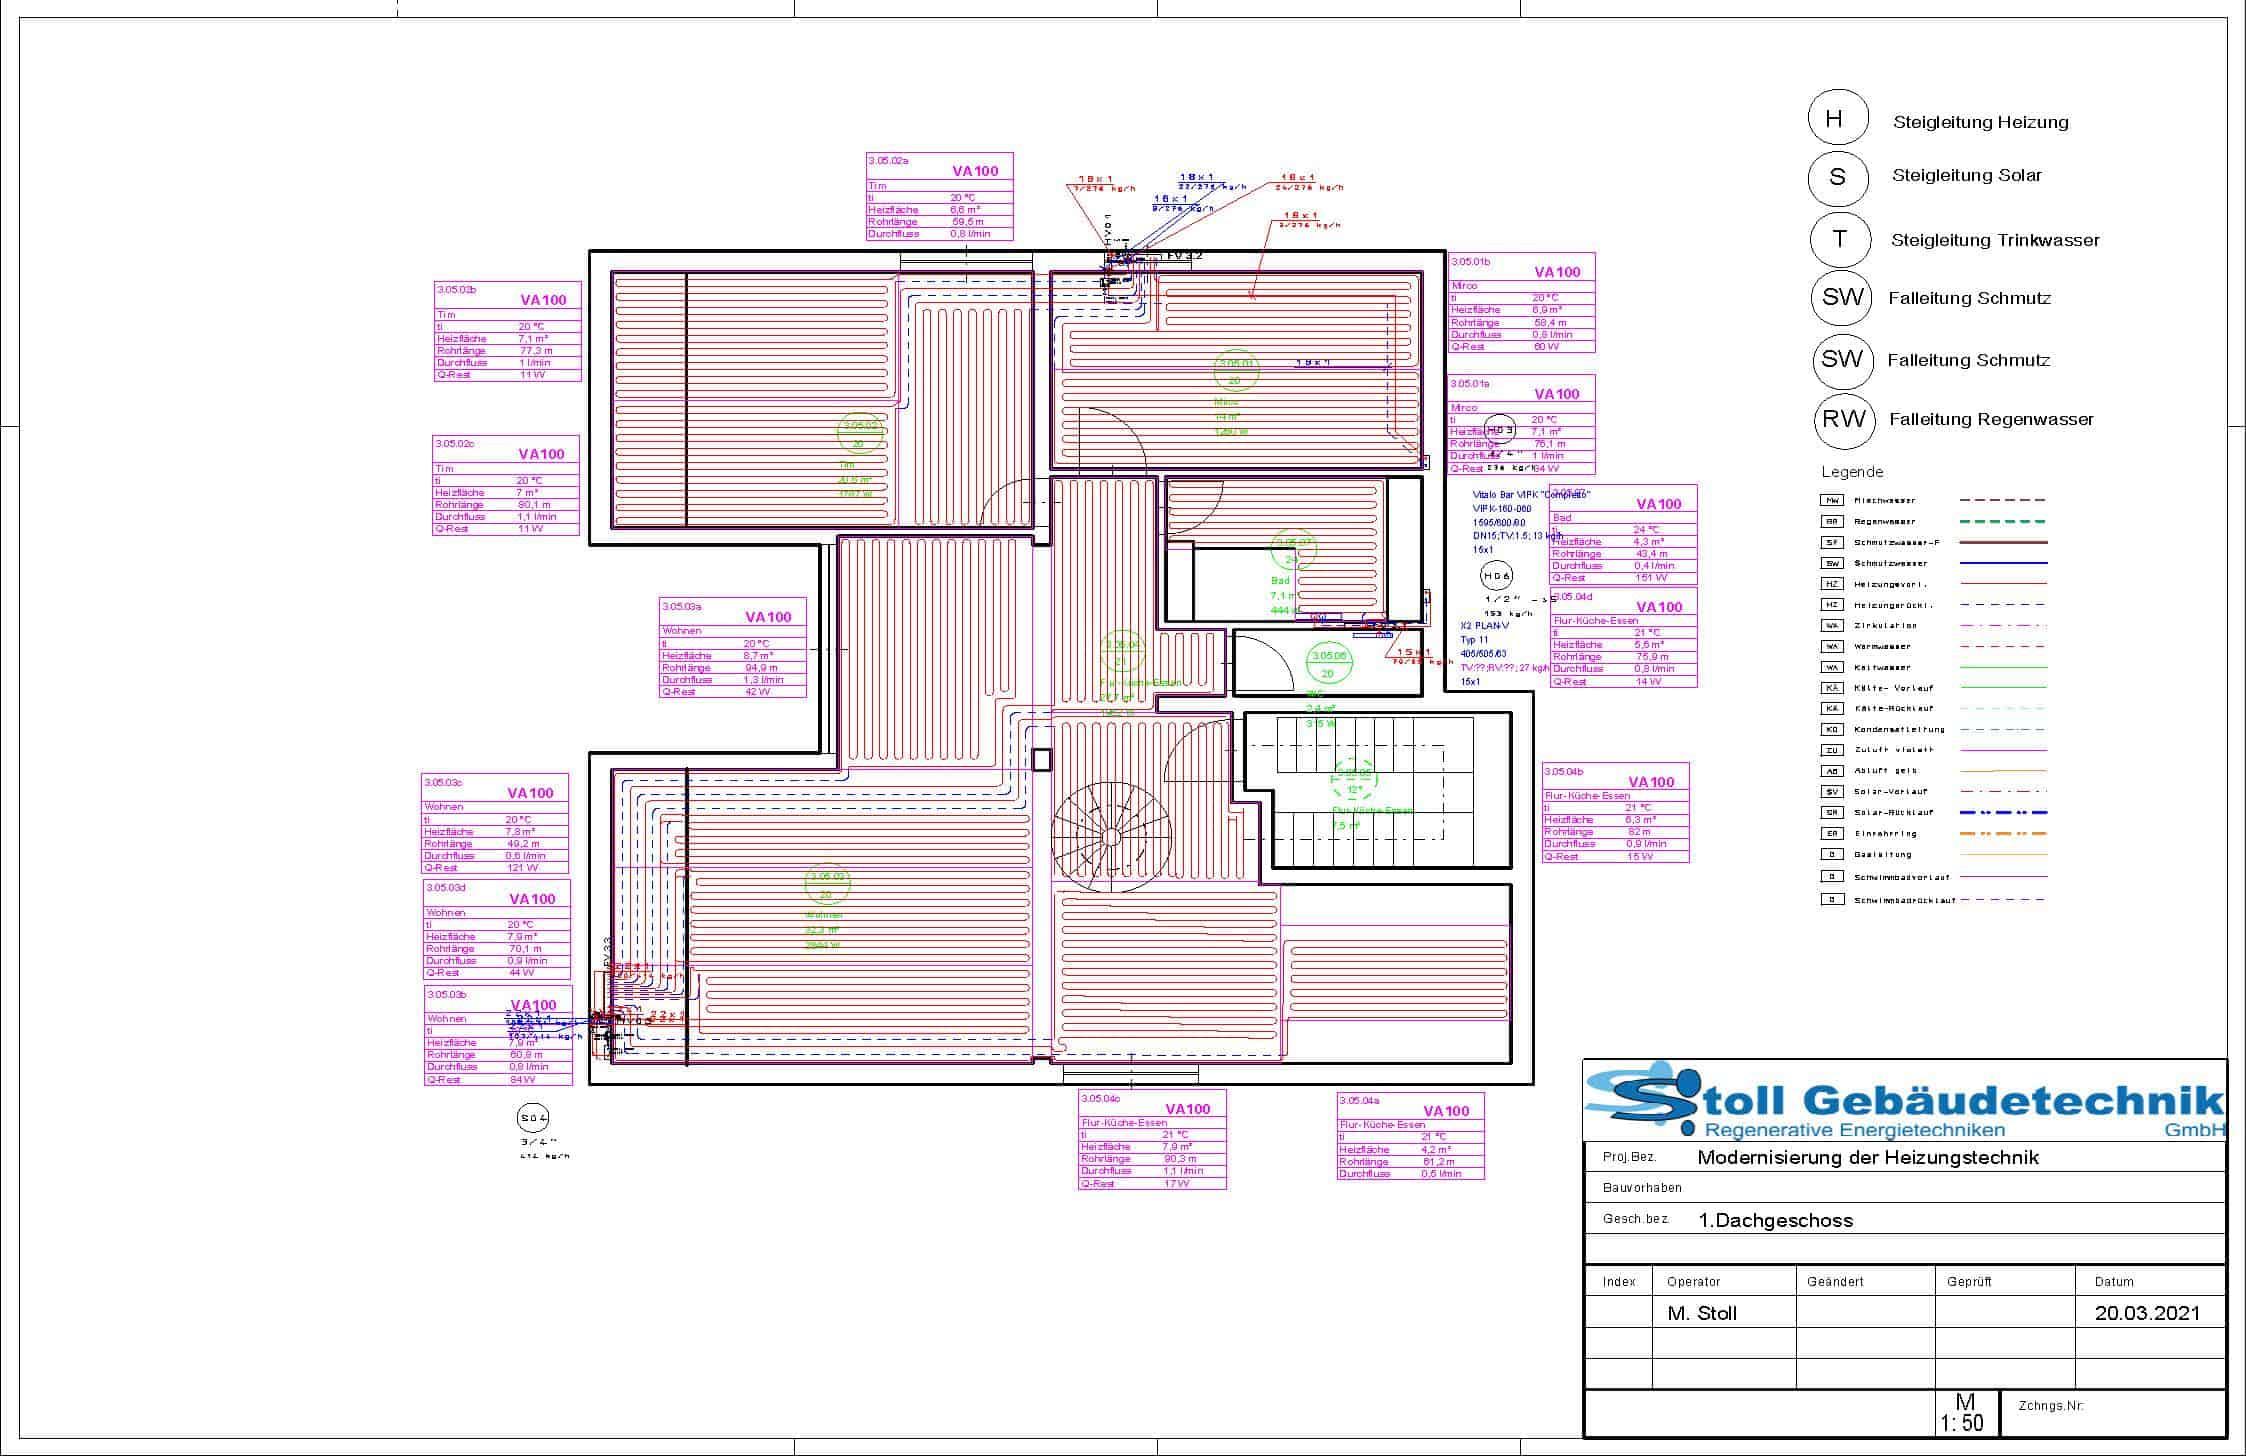 Planung-Raumklima-Dachgeschoss-Stoll-Gebaeudetechnik